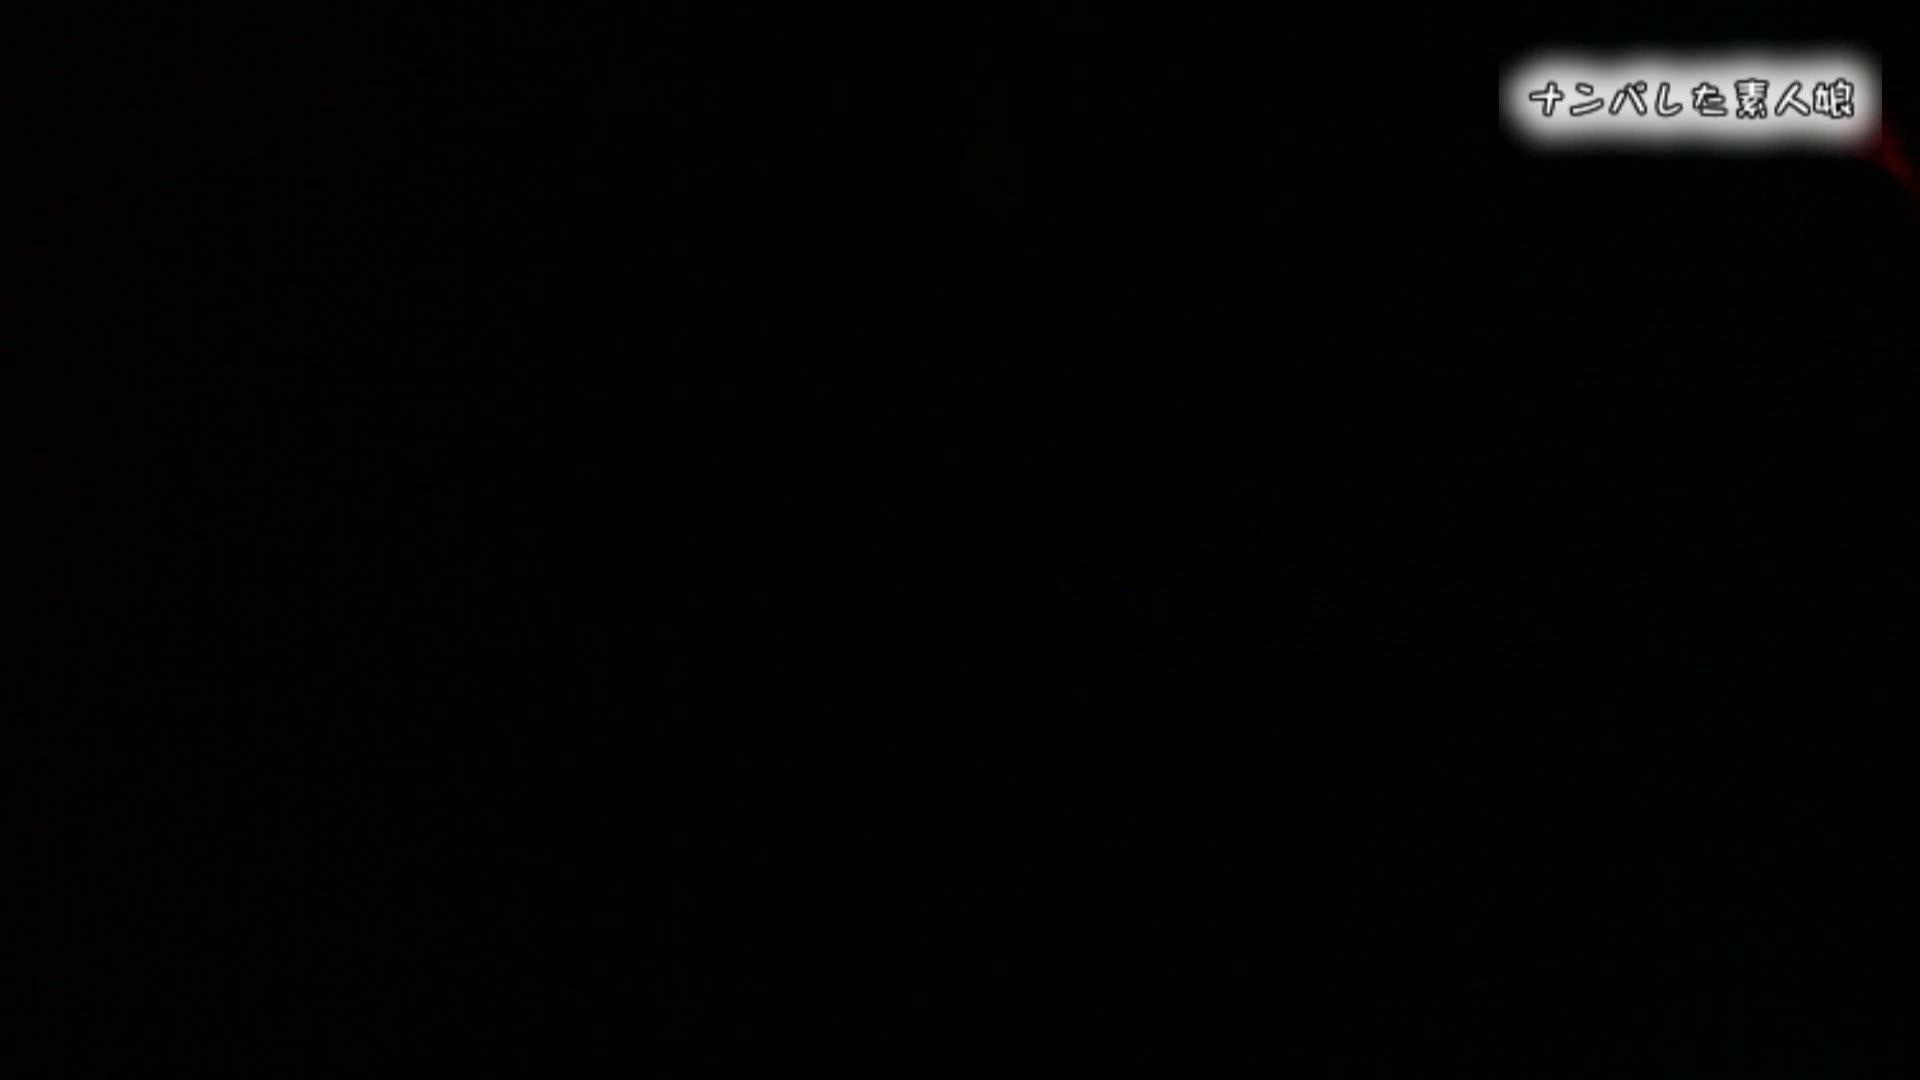 電魔王さんの「隠撮の部屋」アイカ 巨乳女子  62pic 60